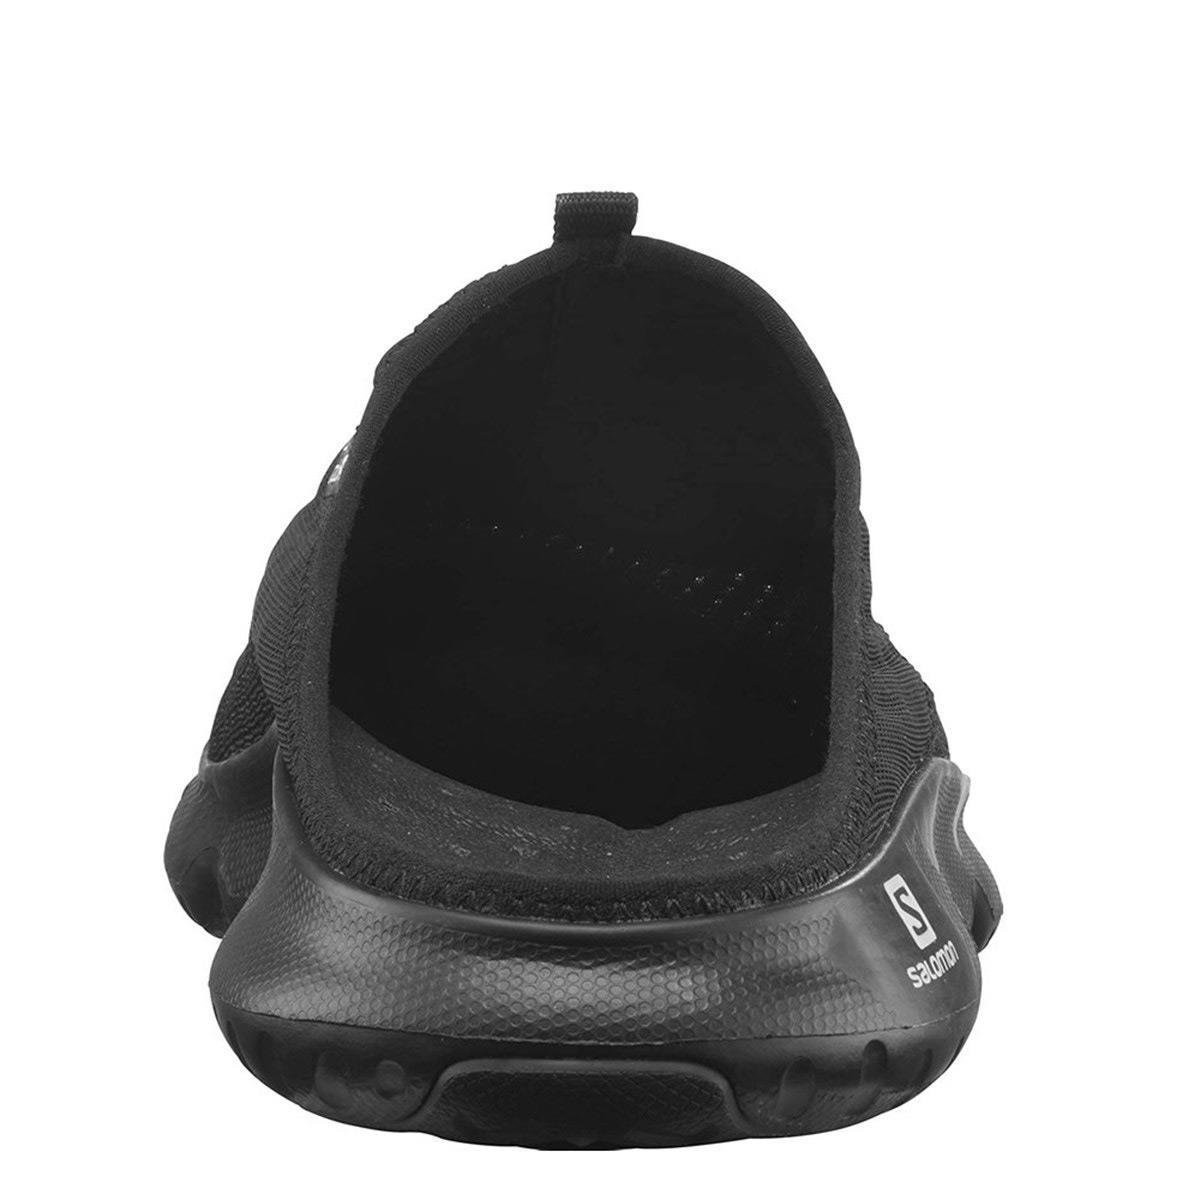 Salomon REELAX SLIDE  5.0 Erkek Ayakkabısı L41278200